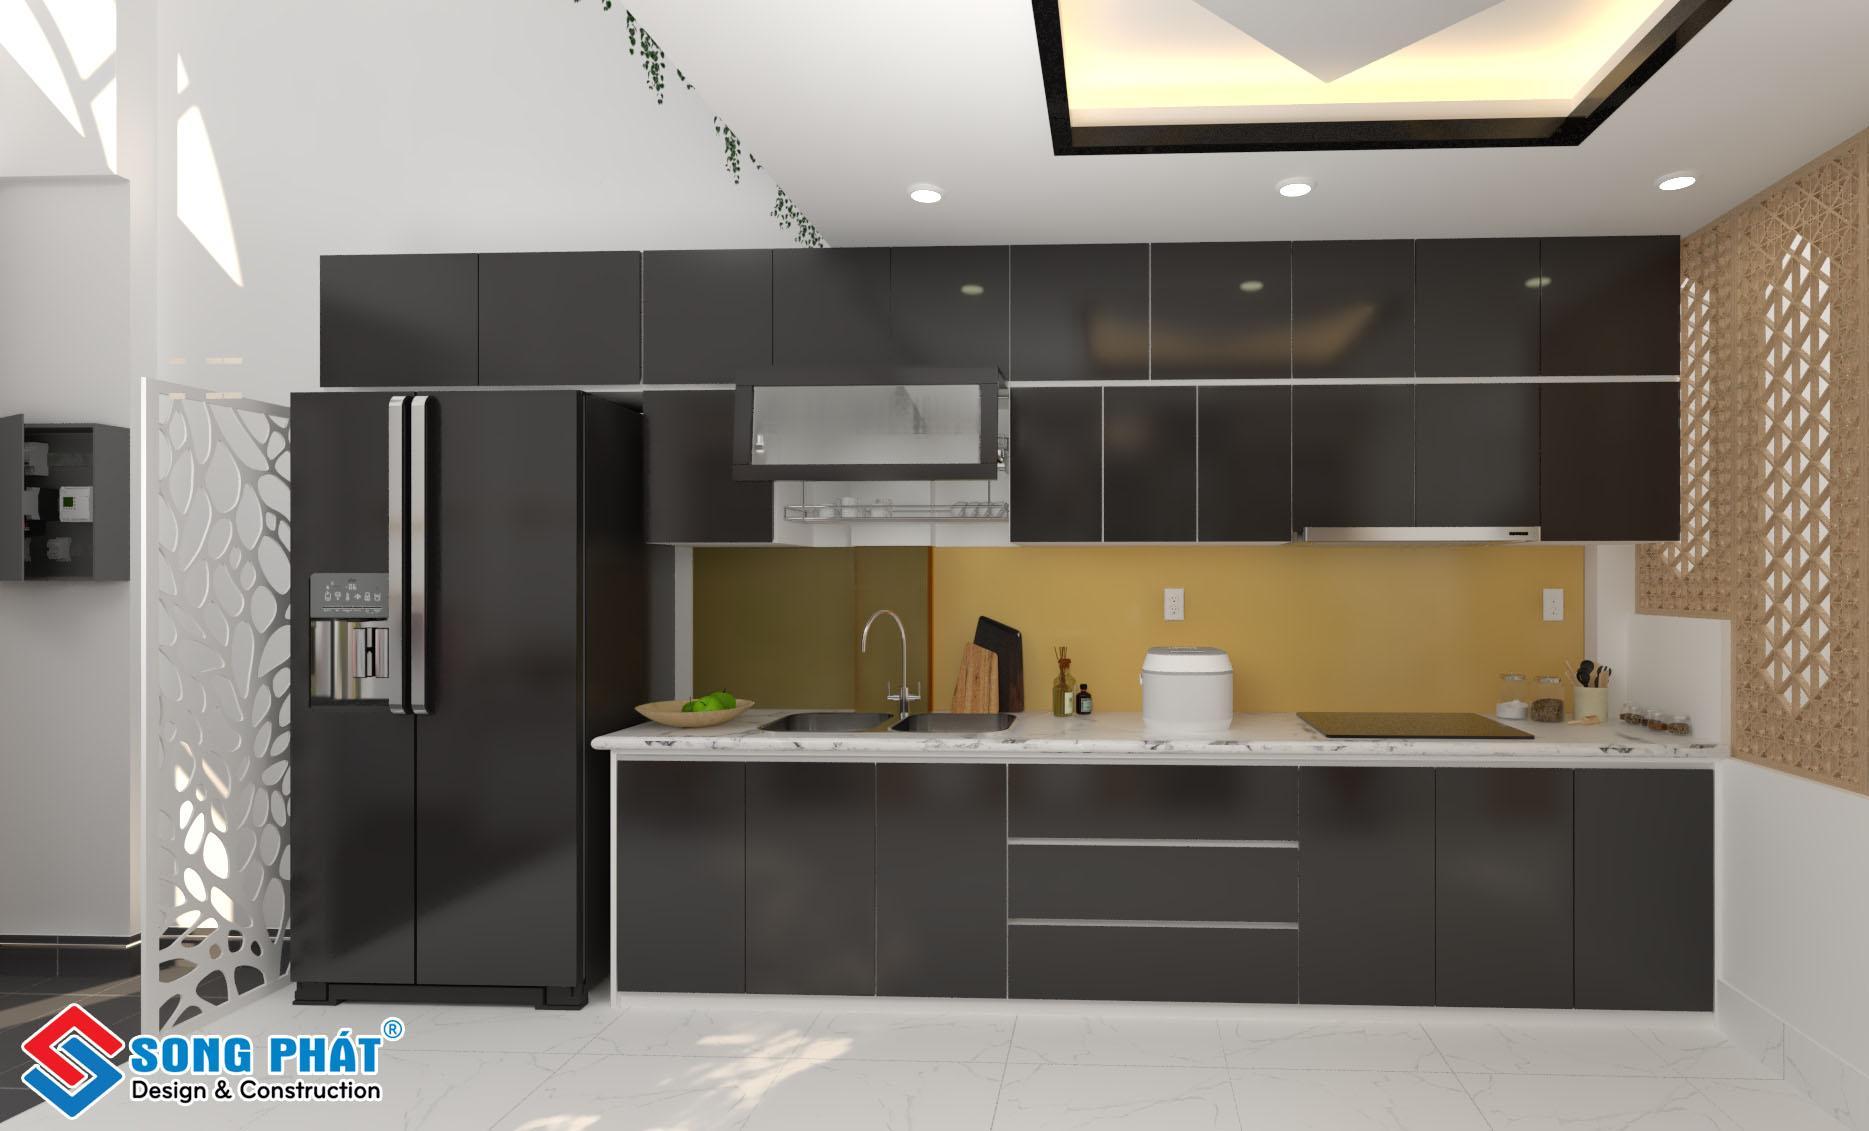 Thiết kế bếp đẹp một phía 1.